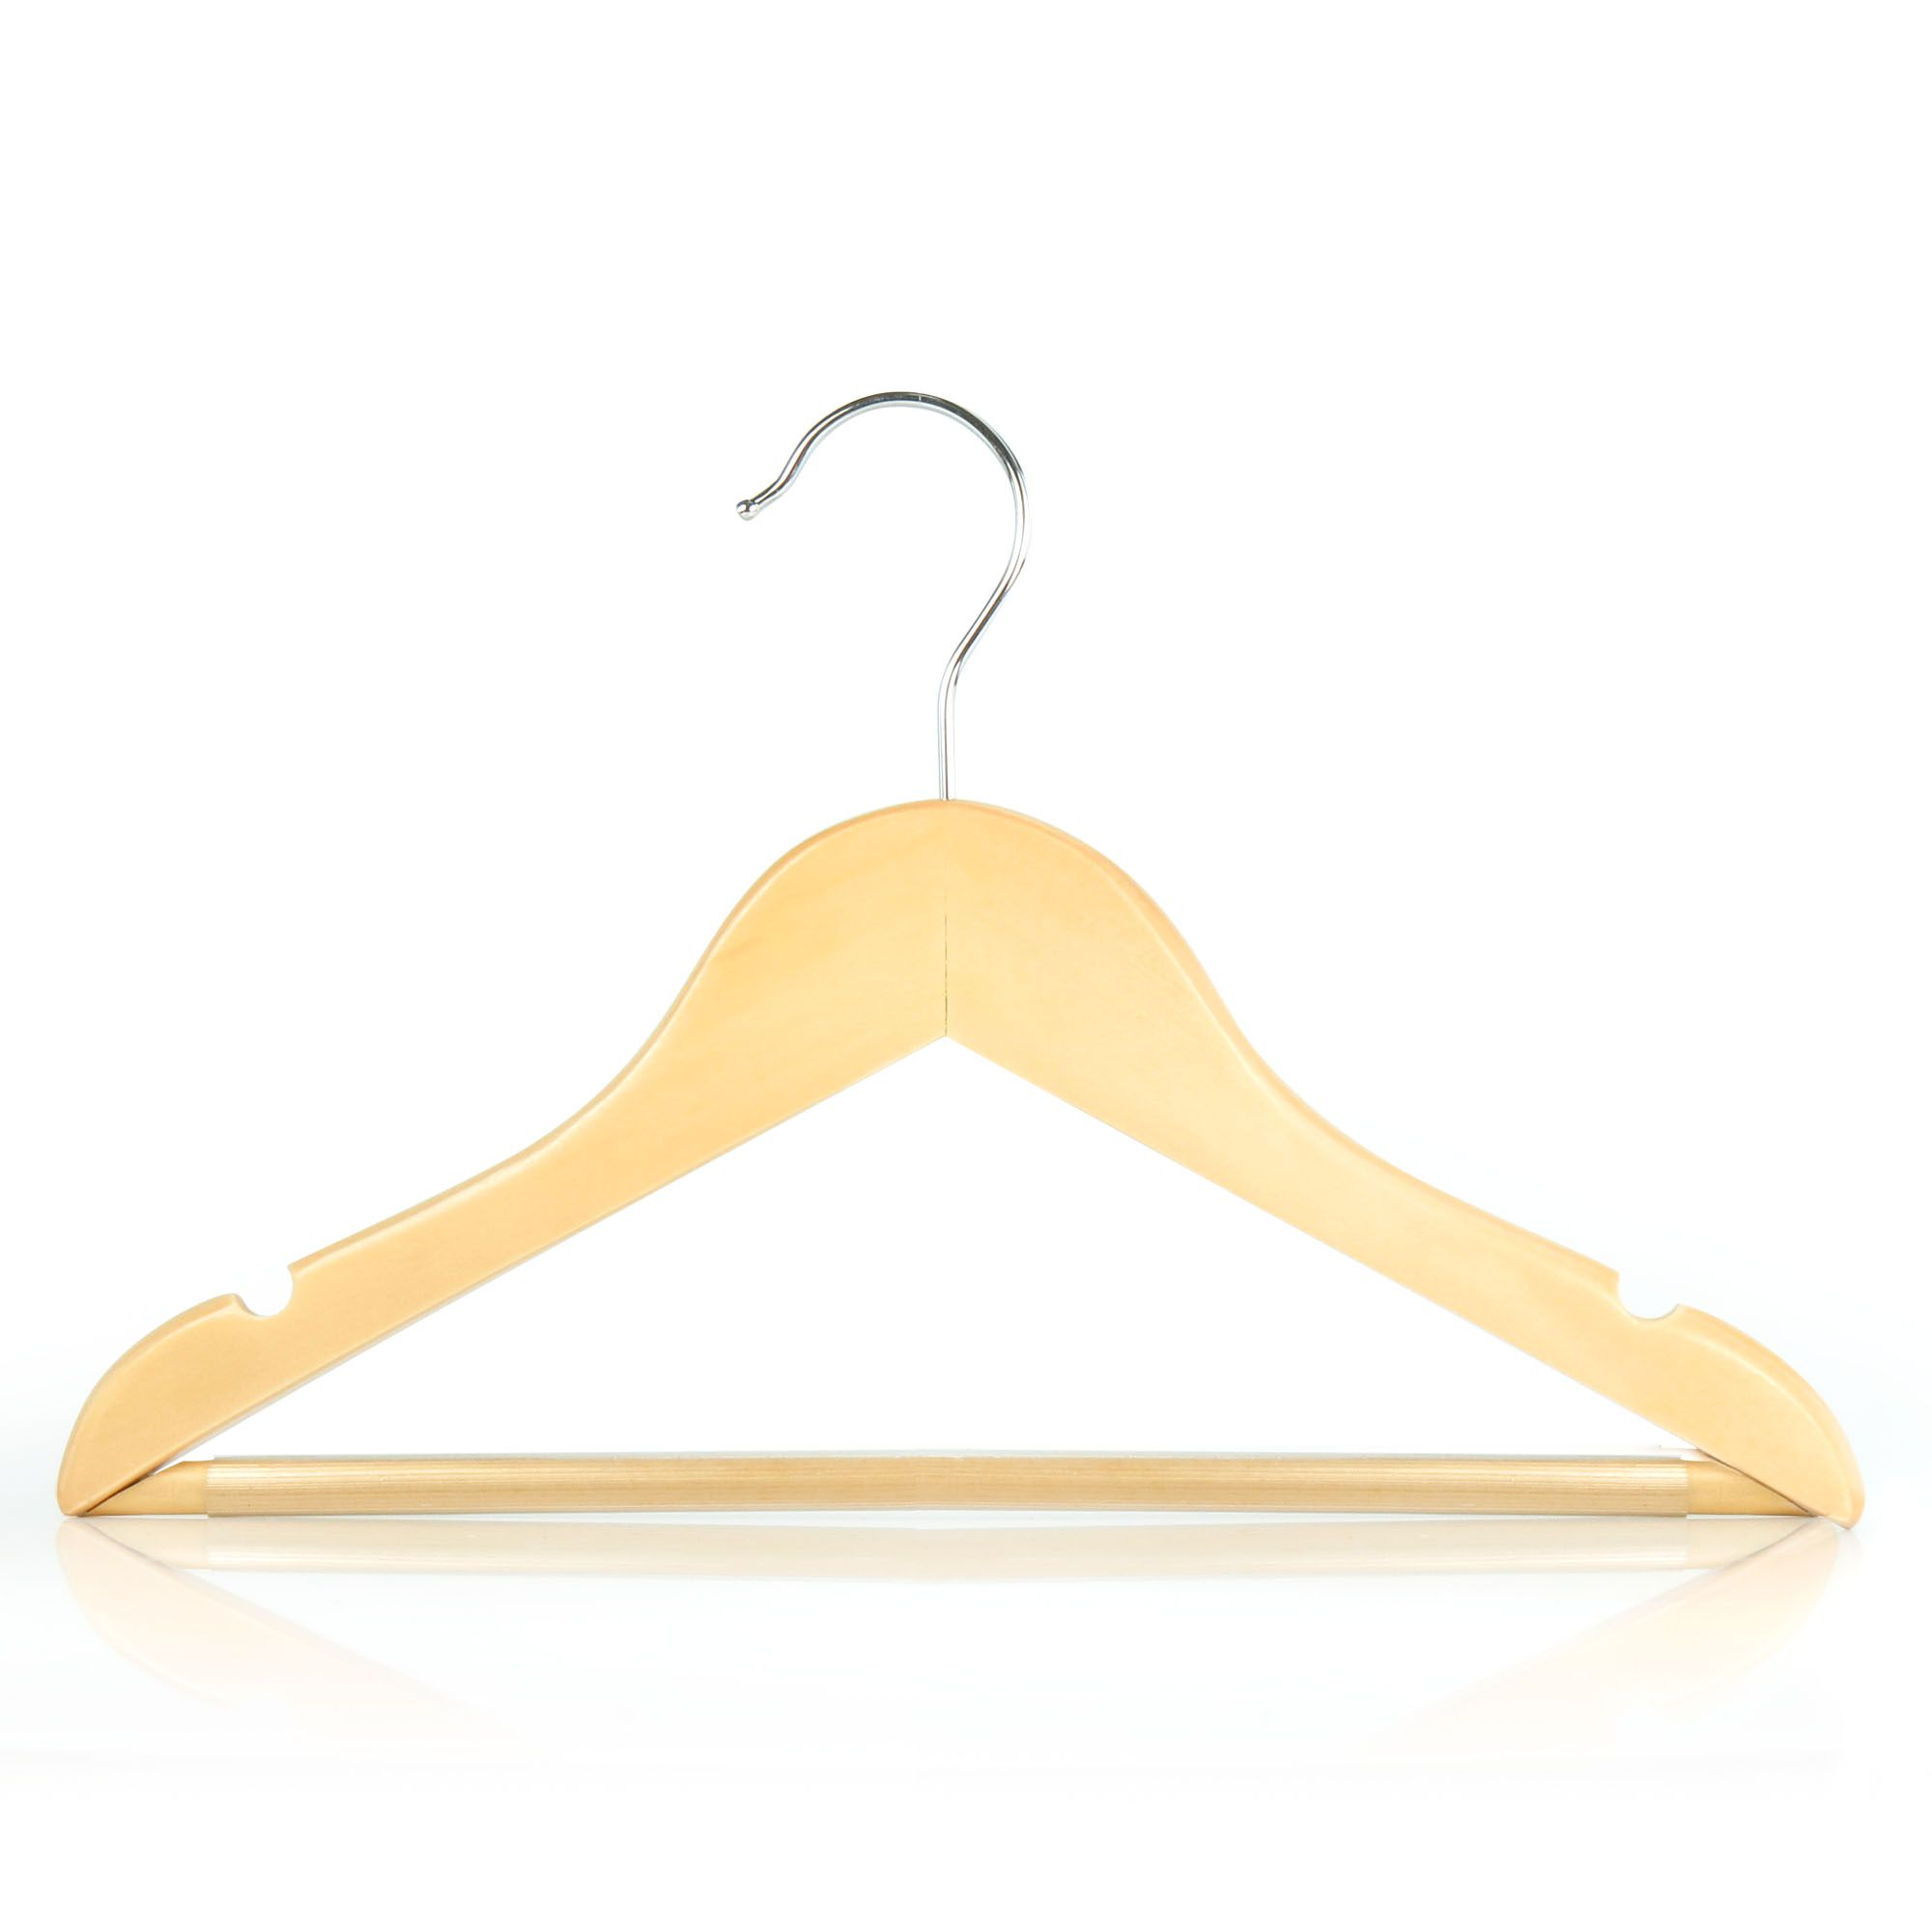 Children's Natural Wooden Trouser Bar Hangers - 30cm